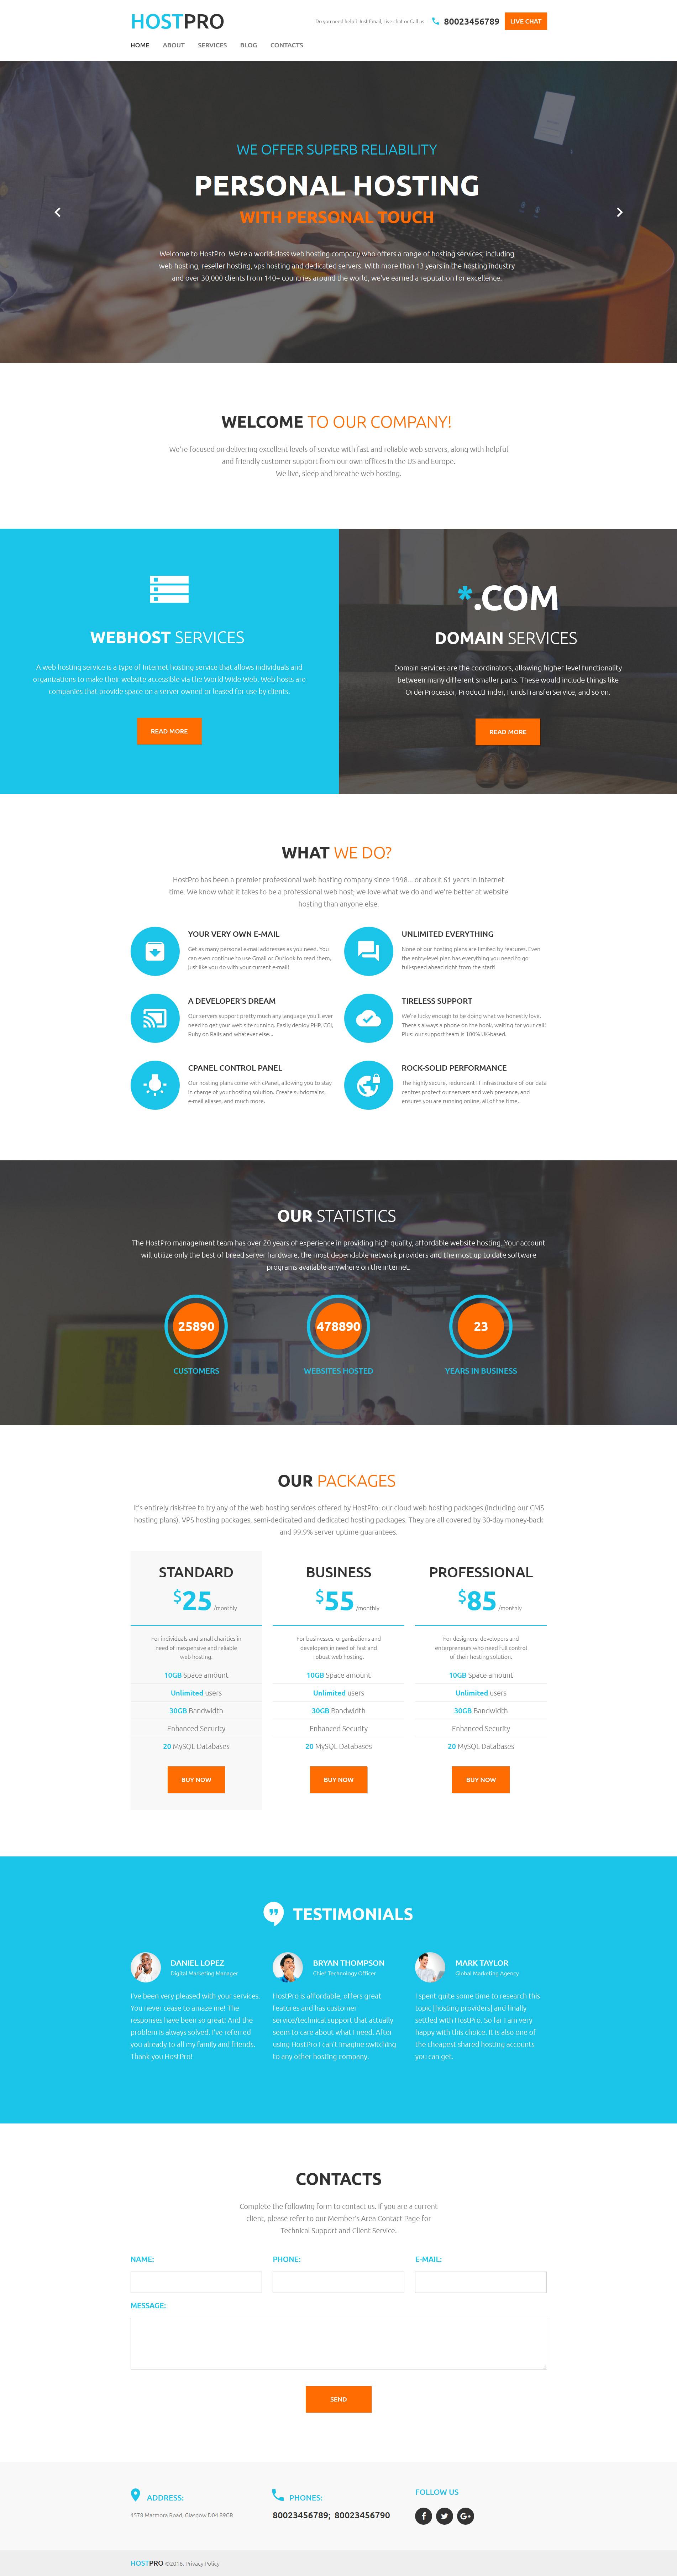 Шаблоны html хостинга дизайн сайта бесплатный хостинг и домен